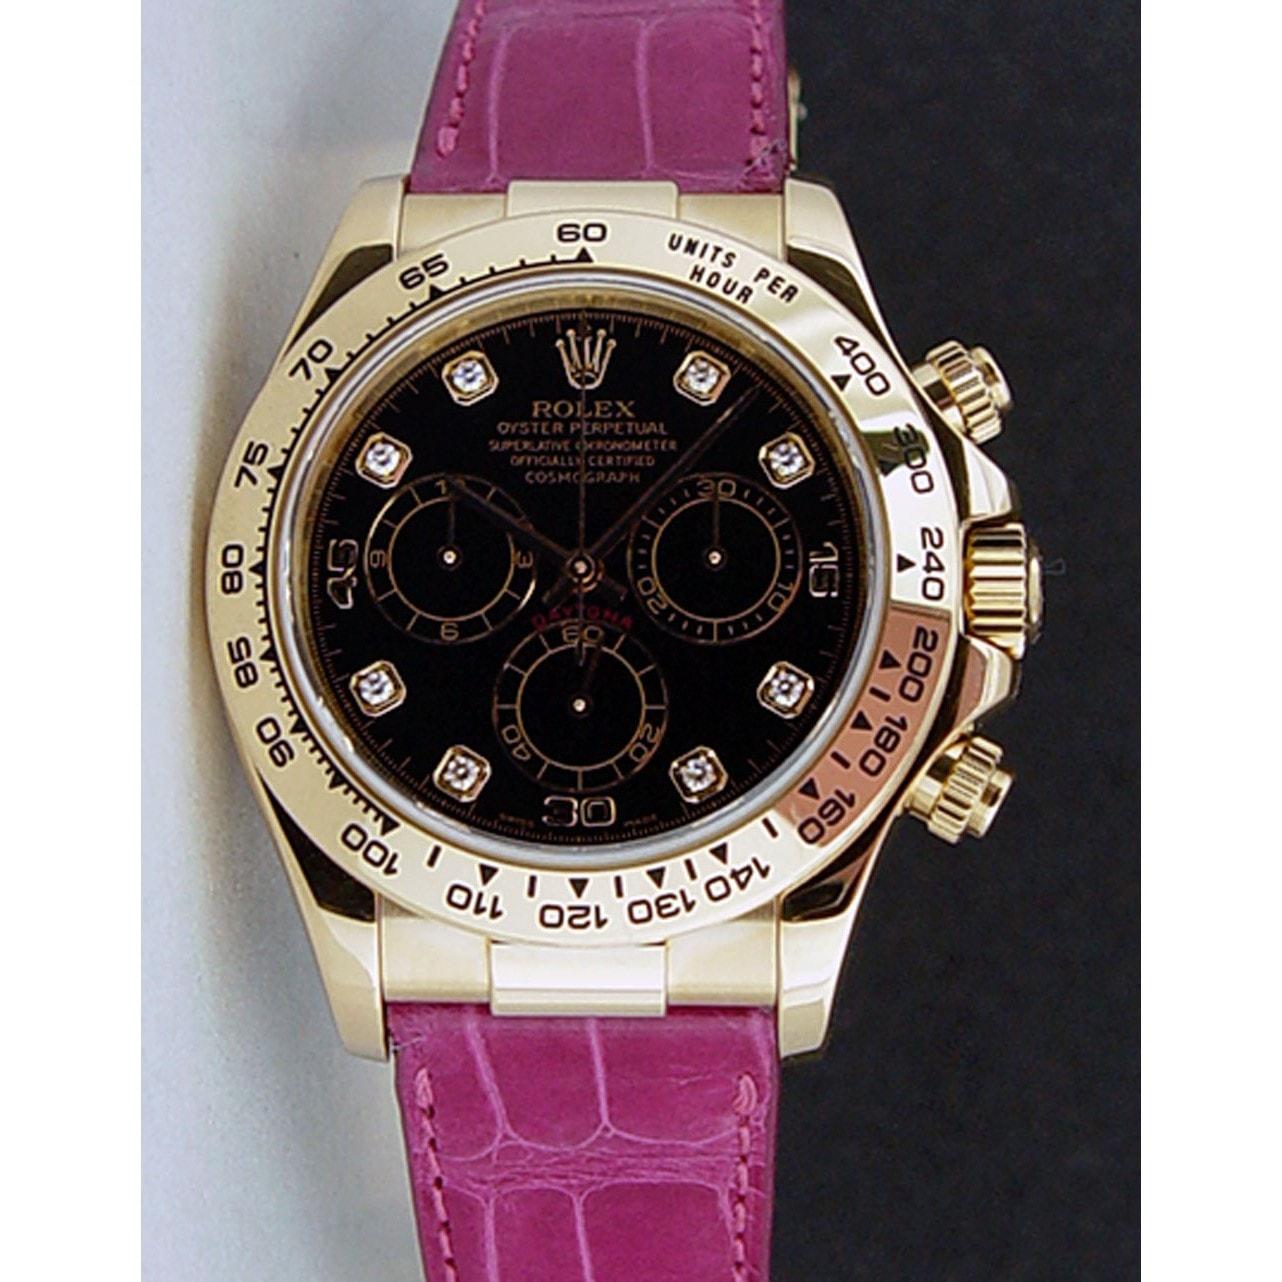 mẫu đồng hồ Rolex nữ dây da màu hồng